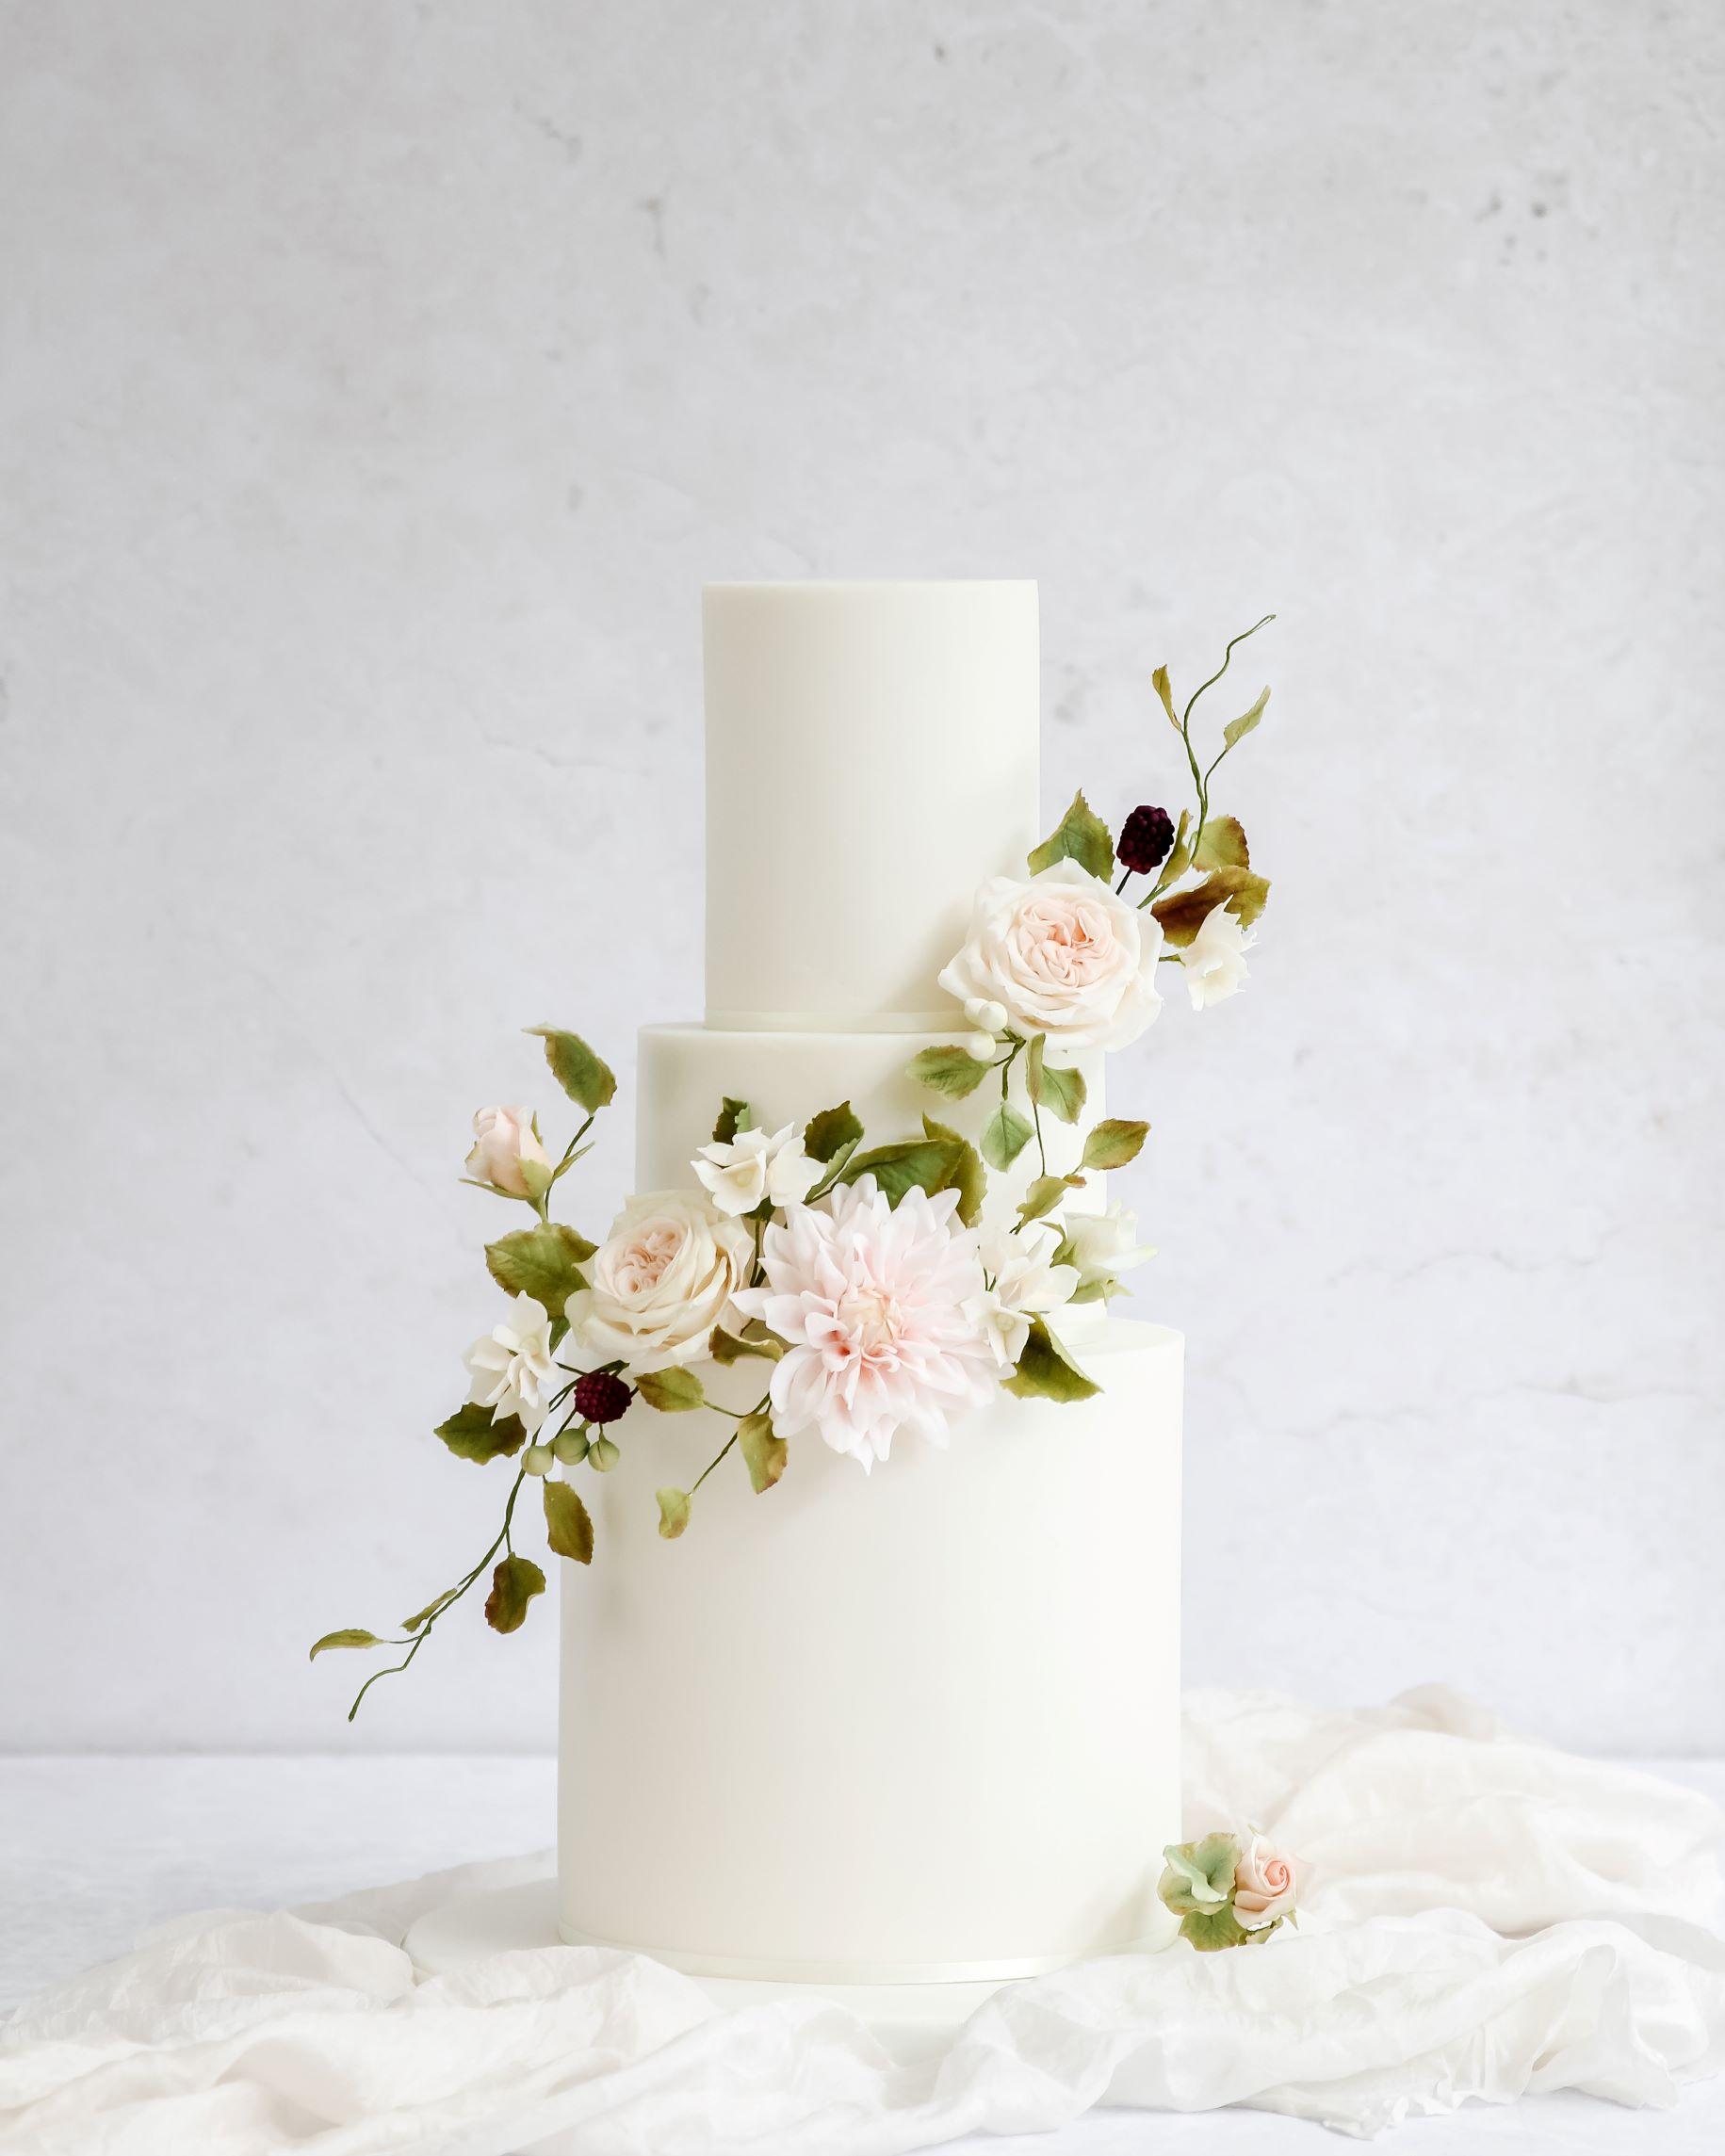 Sugar flower wedding cake cove cake design